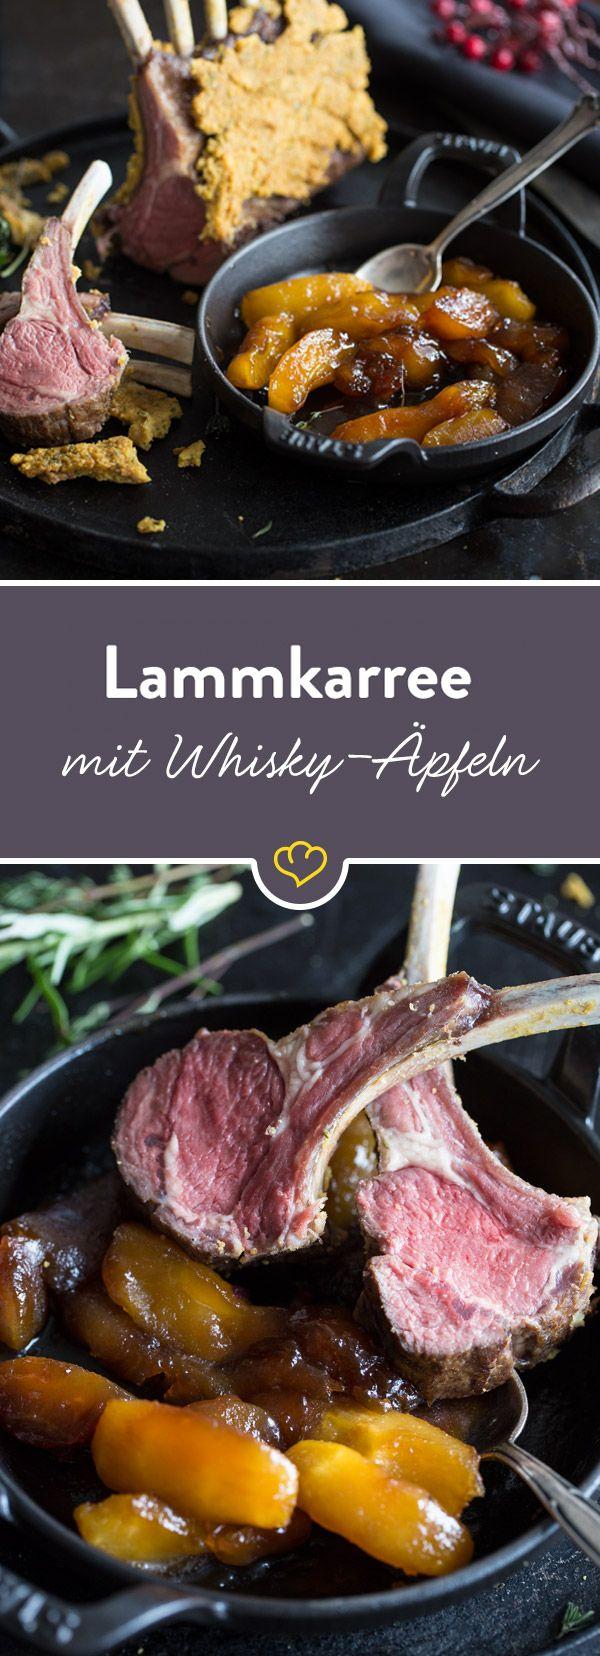 Mit diesem köstlichen Lammkarree in einem würzigen Rosmarin-Senf-Mantel mit süßen Whisky-Äpfeln schenkst du deinen Lieben ein perfektes Weihnachtsessen.